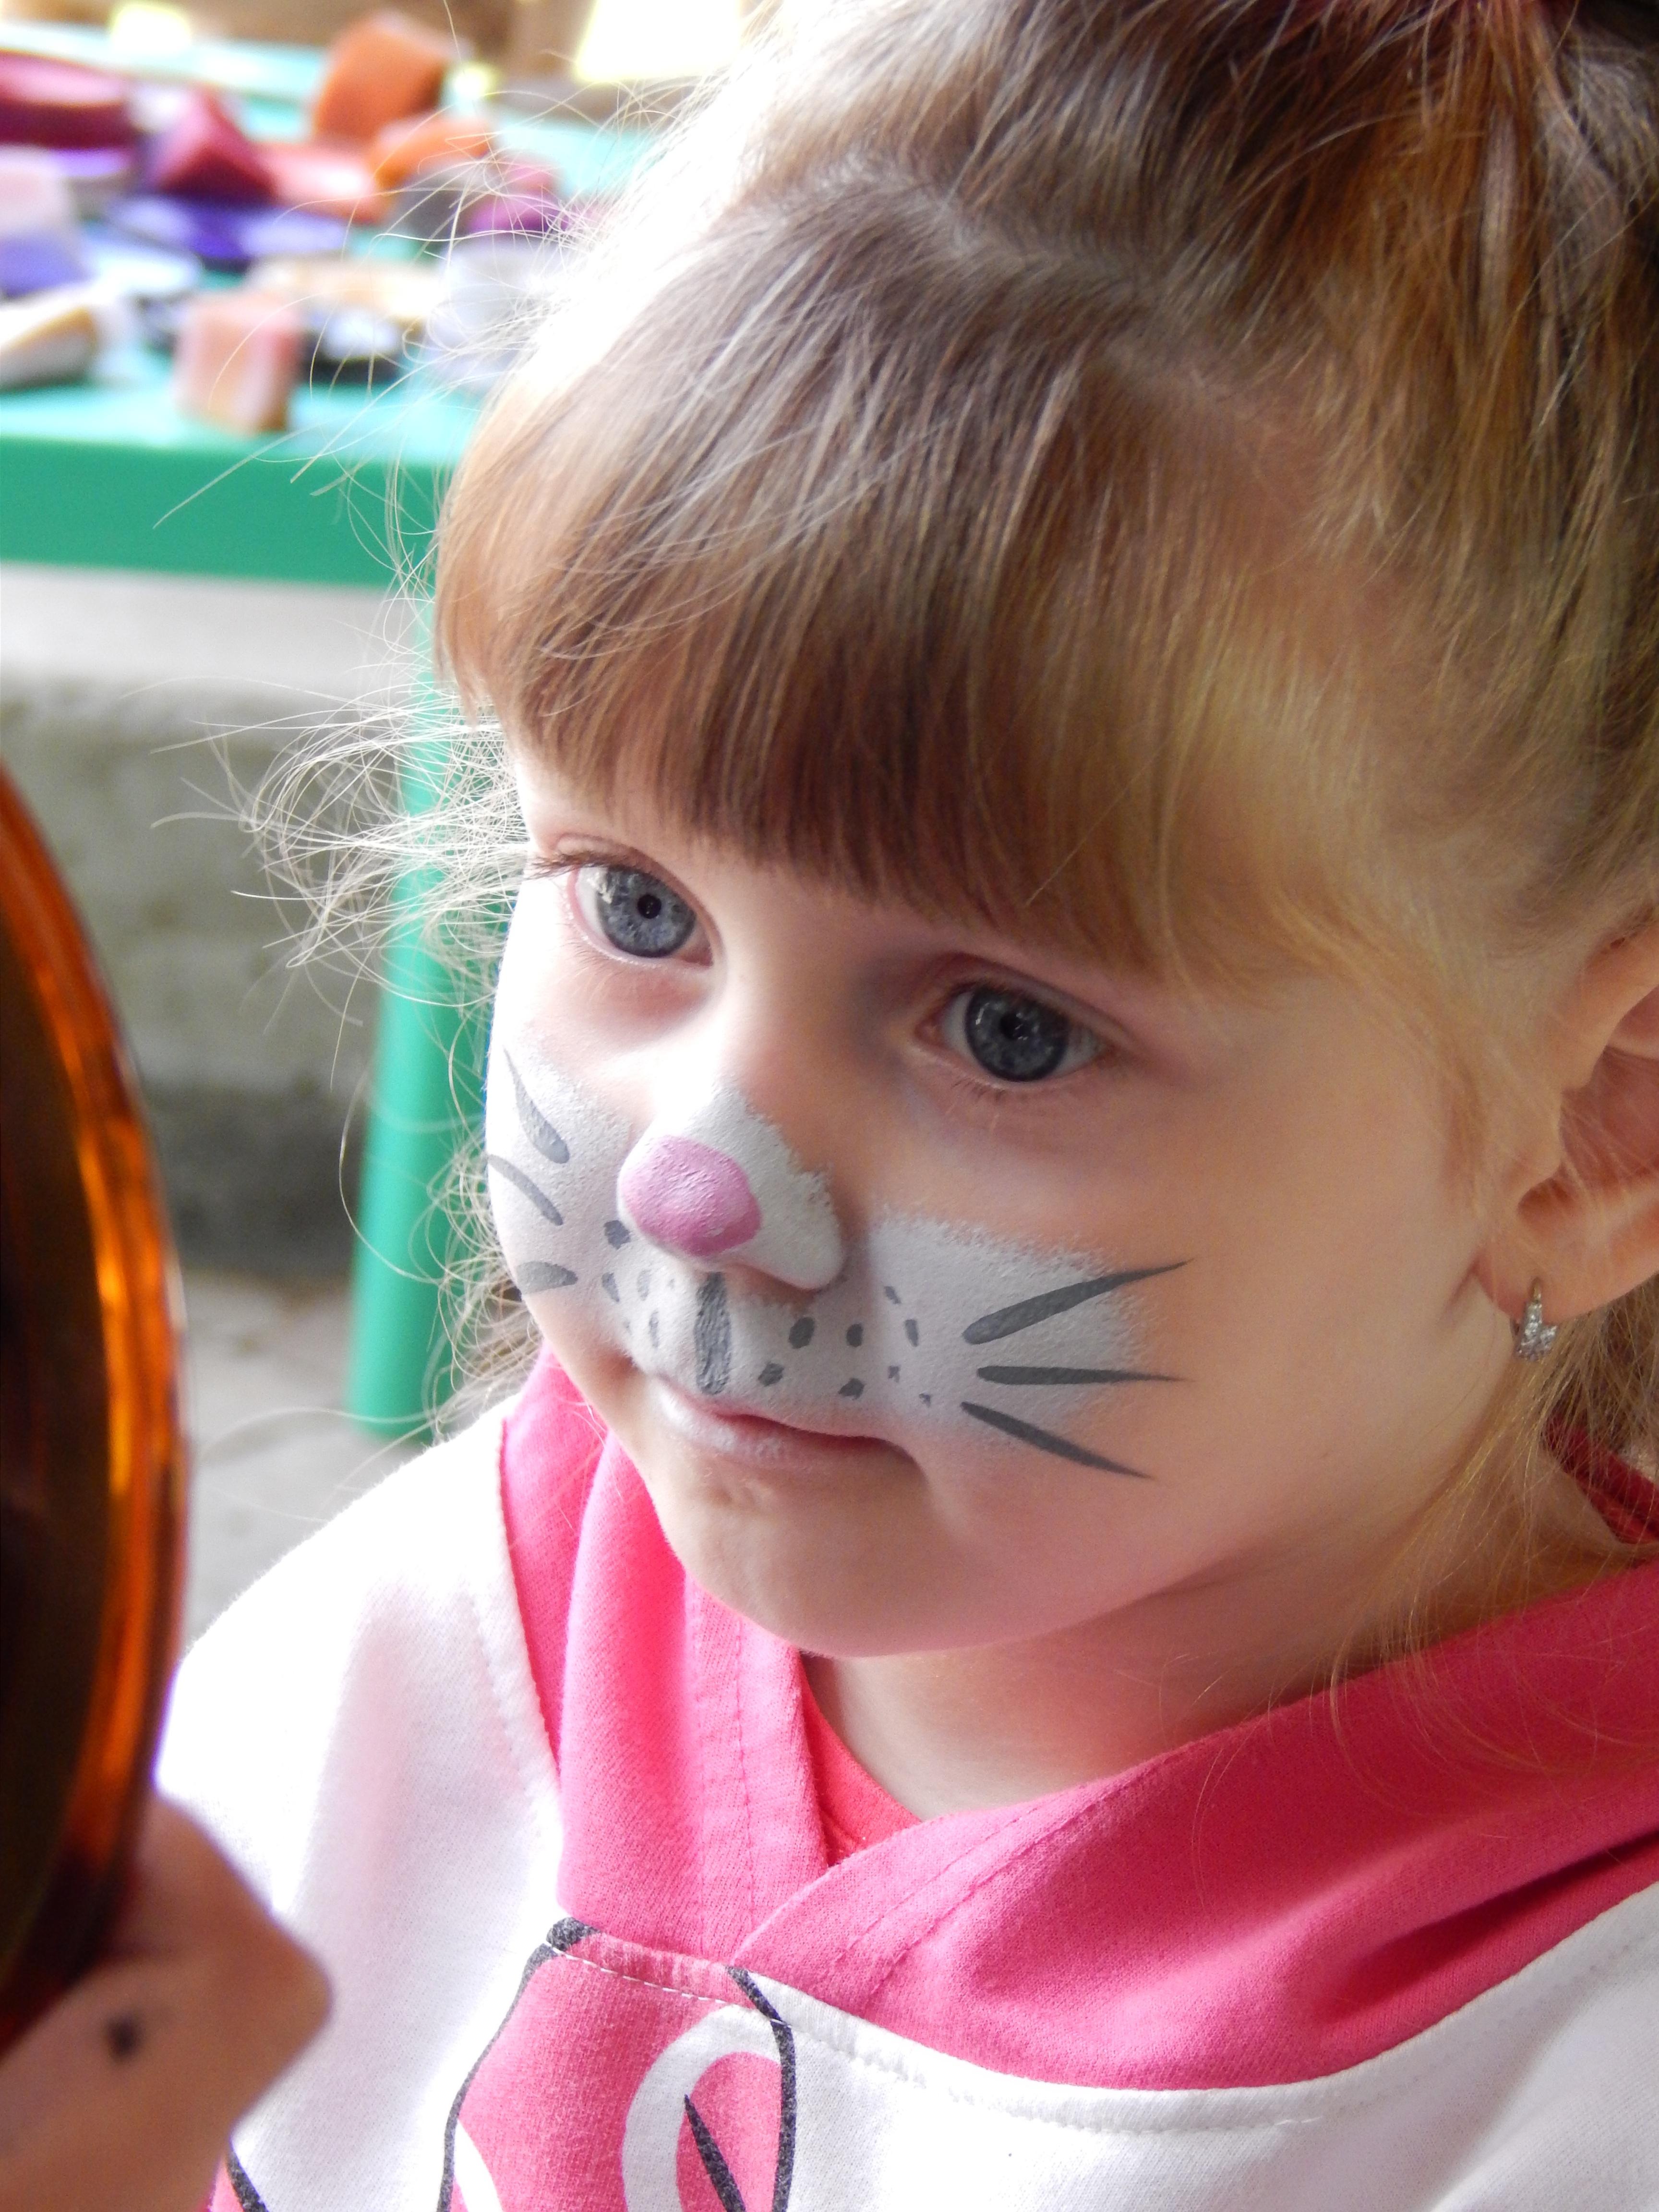 Fotoğraf Kız Portre Kedi Renk Pembe Oyuncak Yüz Ifadesi Saç